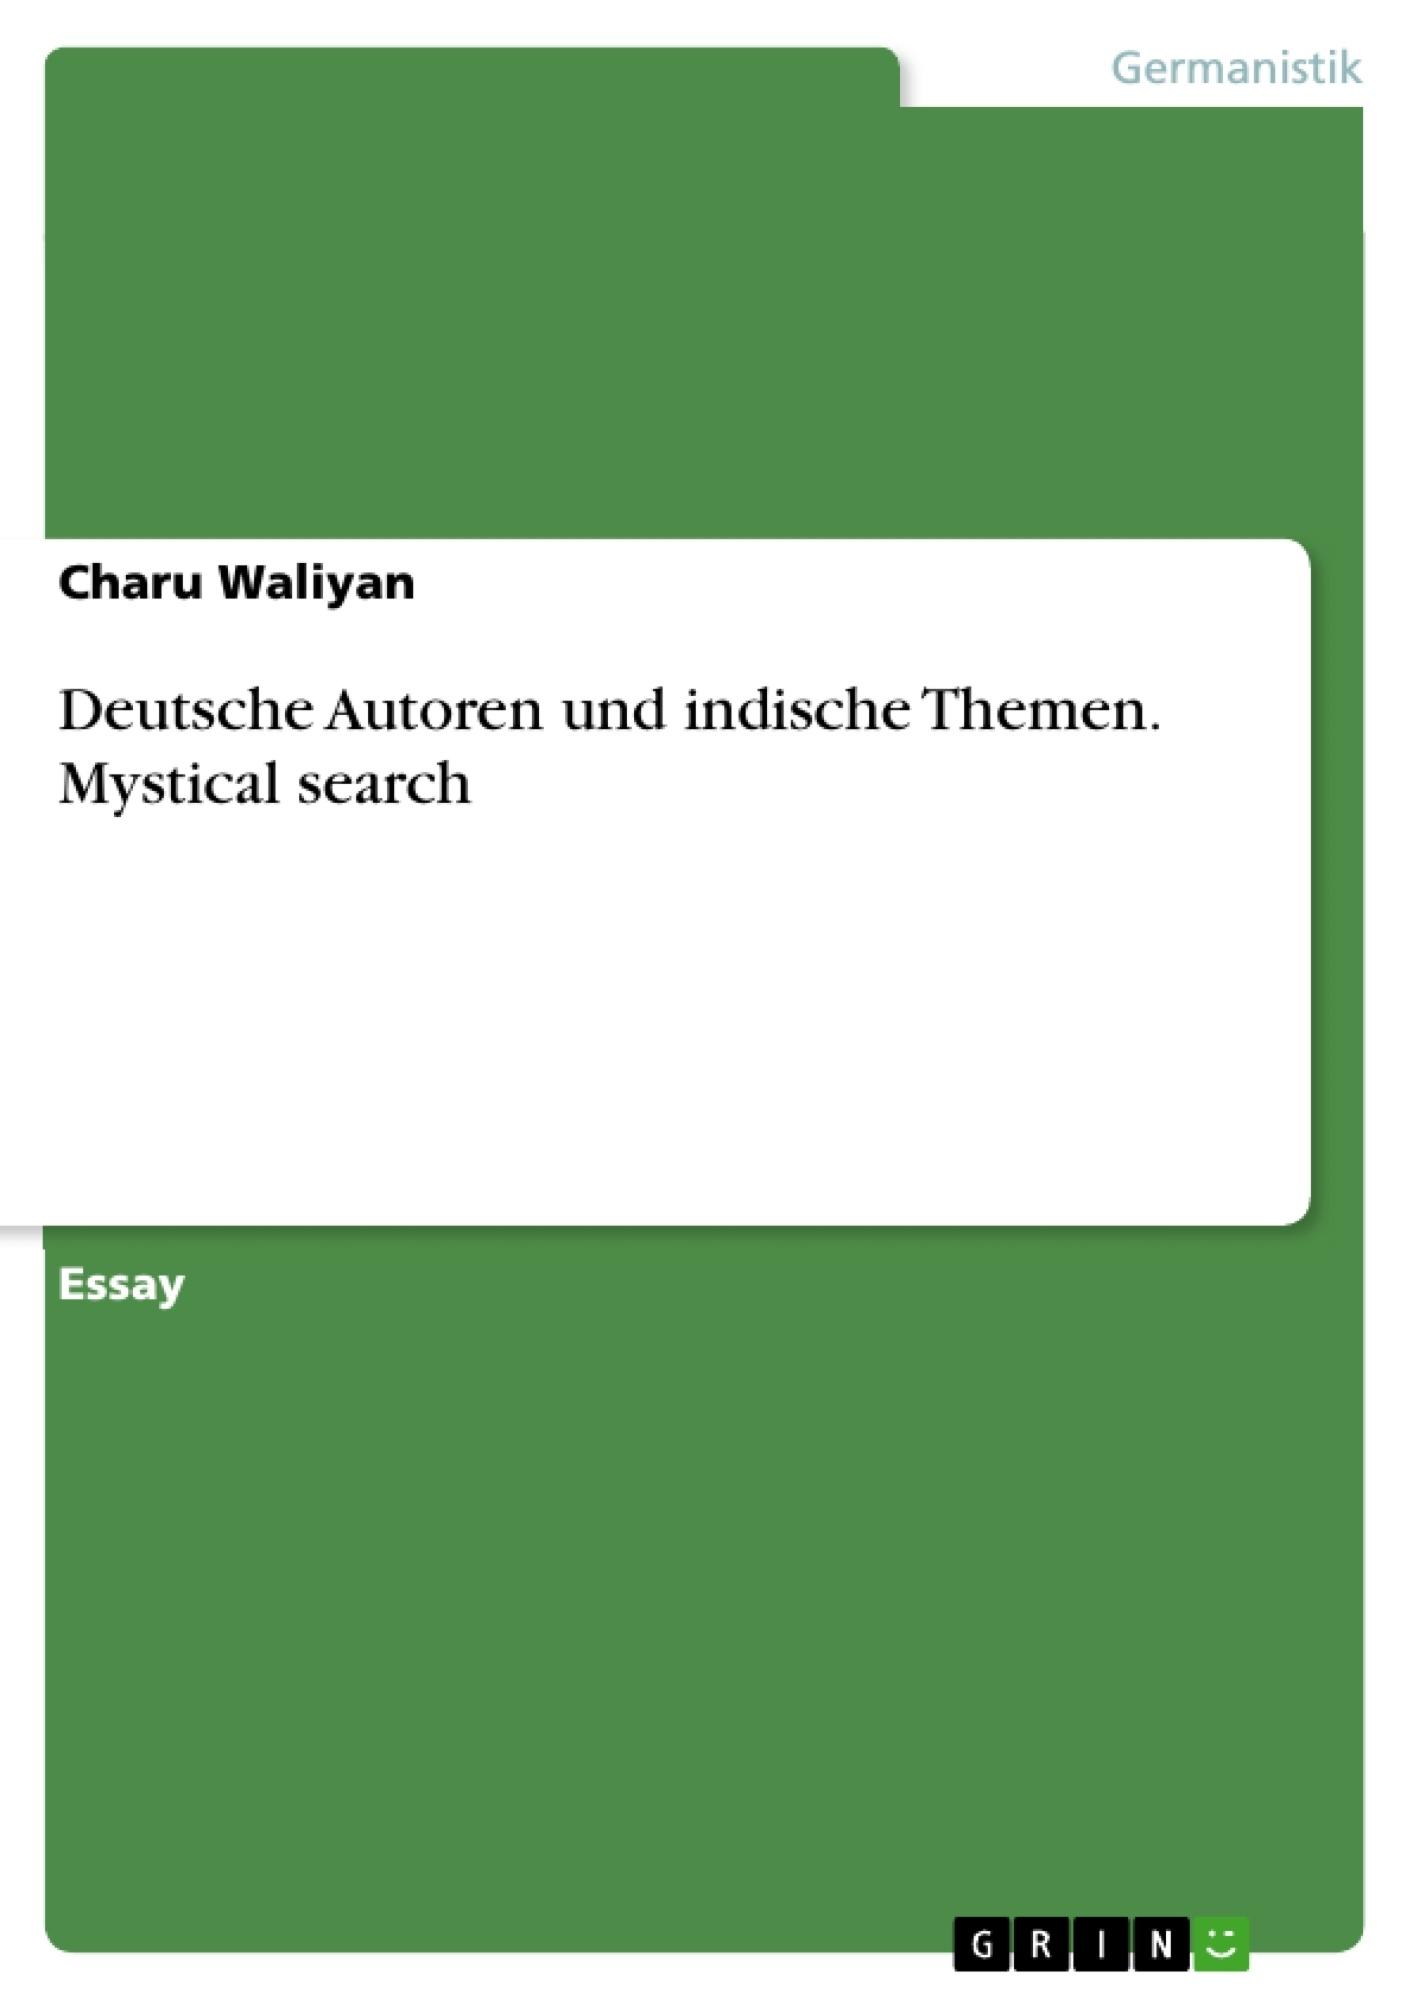 Titel: Deutsche Autoren und indische Themen. Mystical search